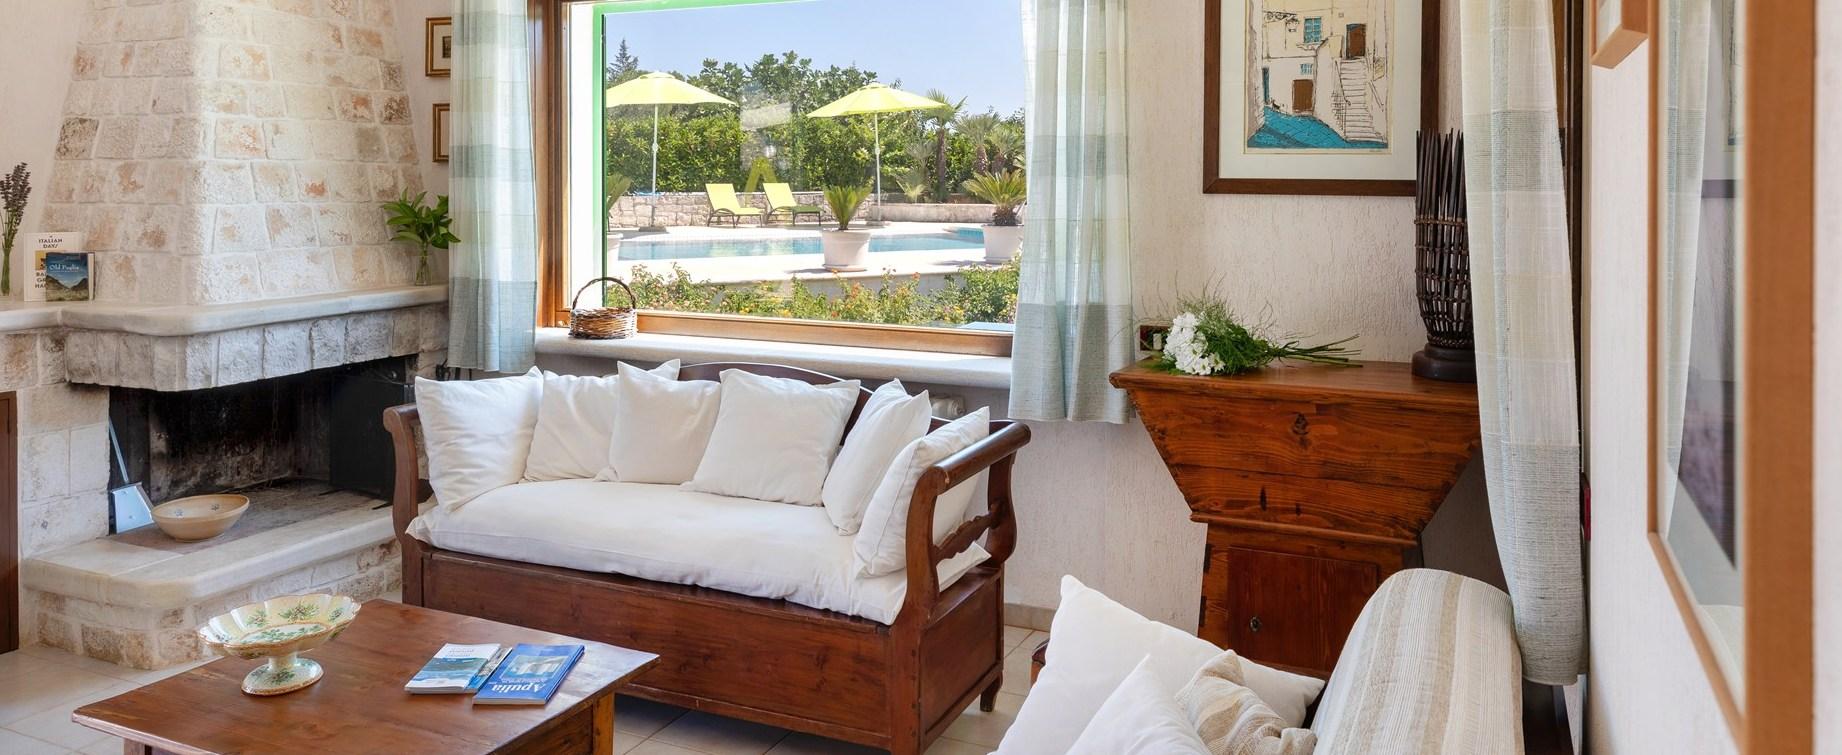 luxury-villa-holidays-puglia